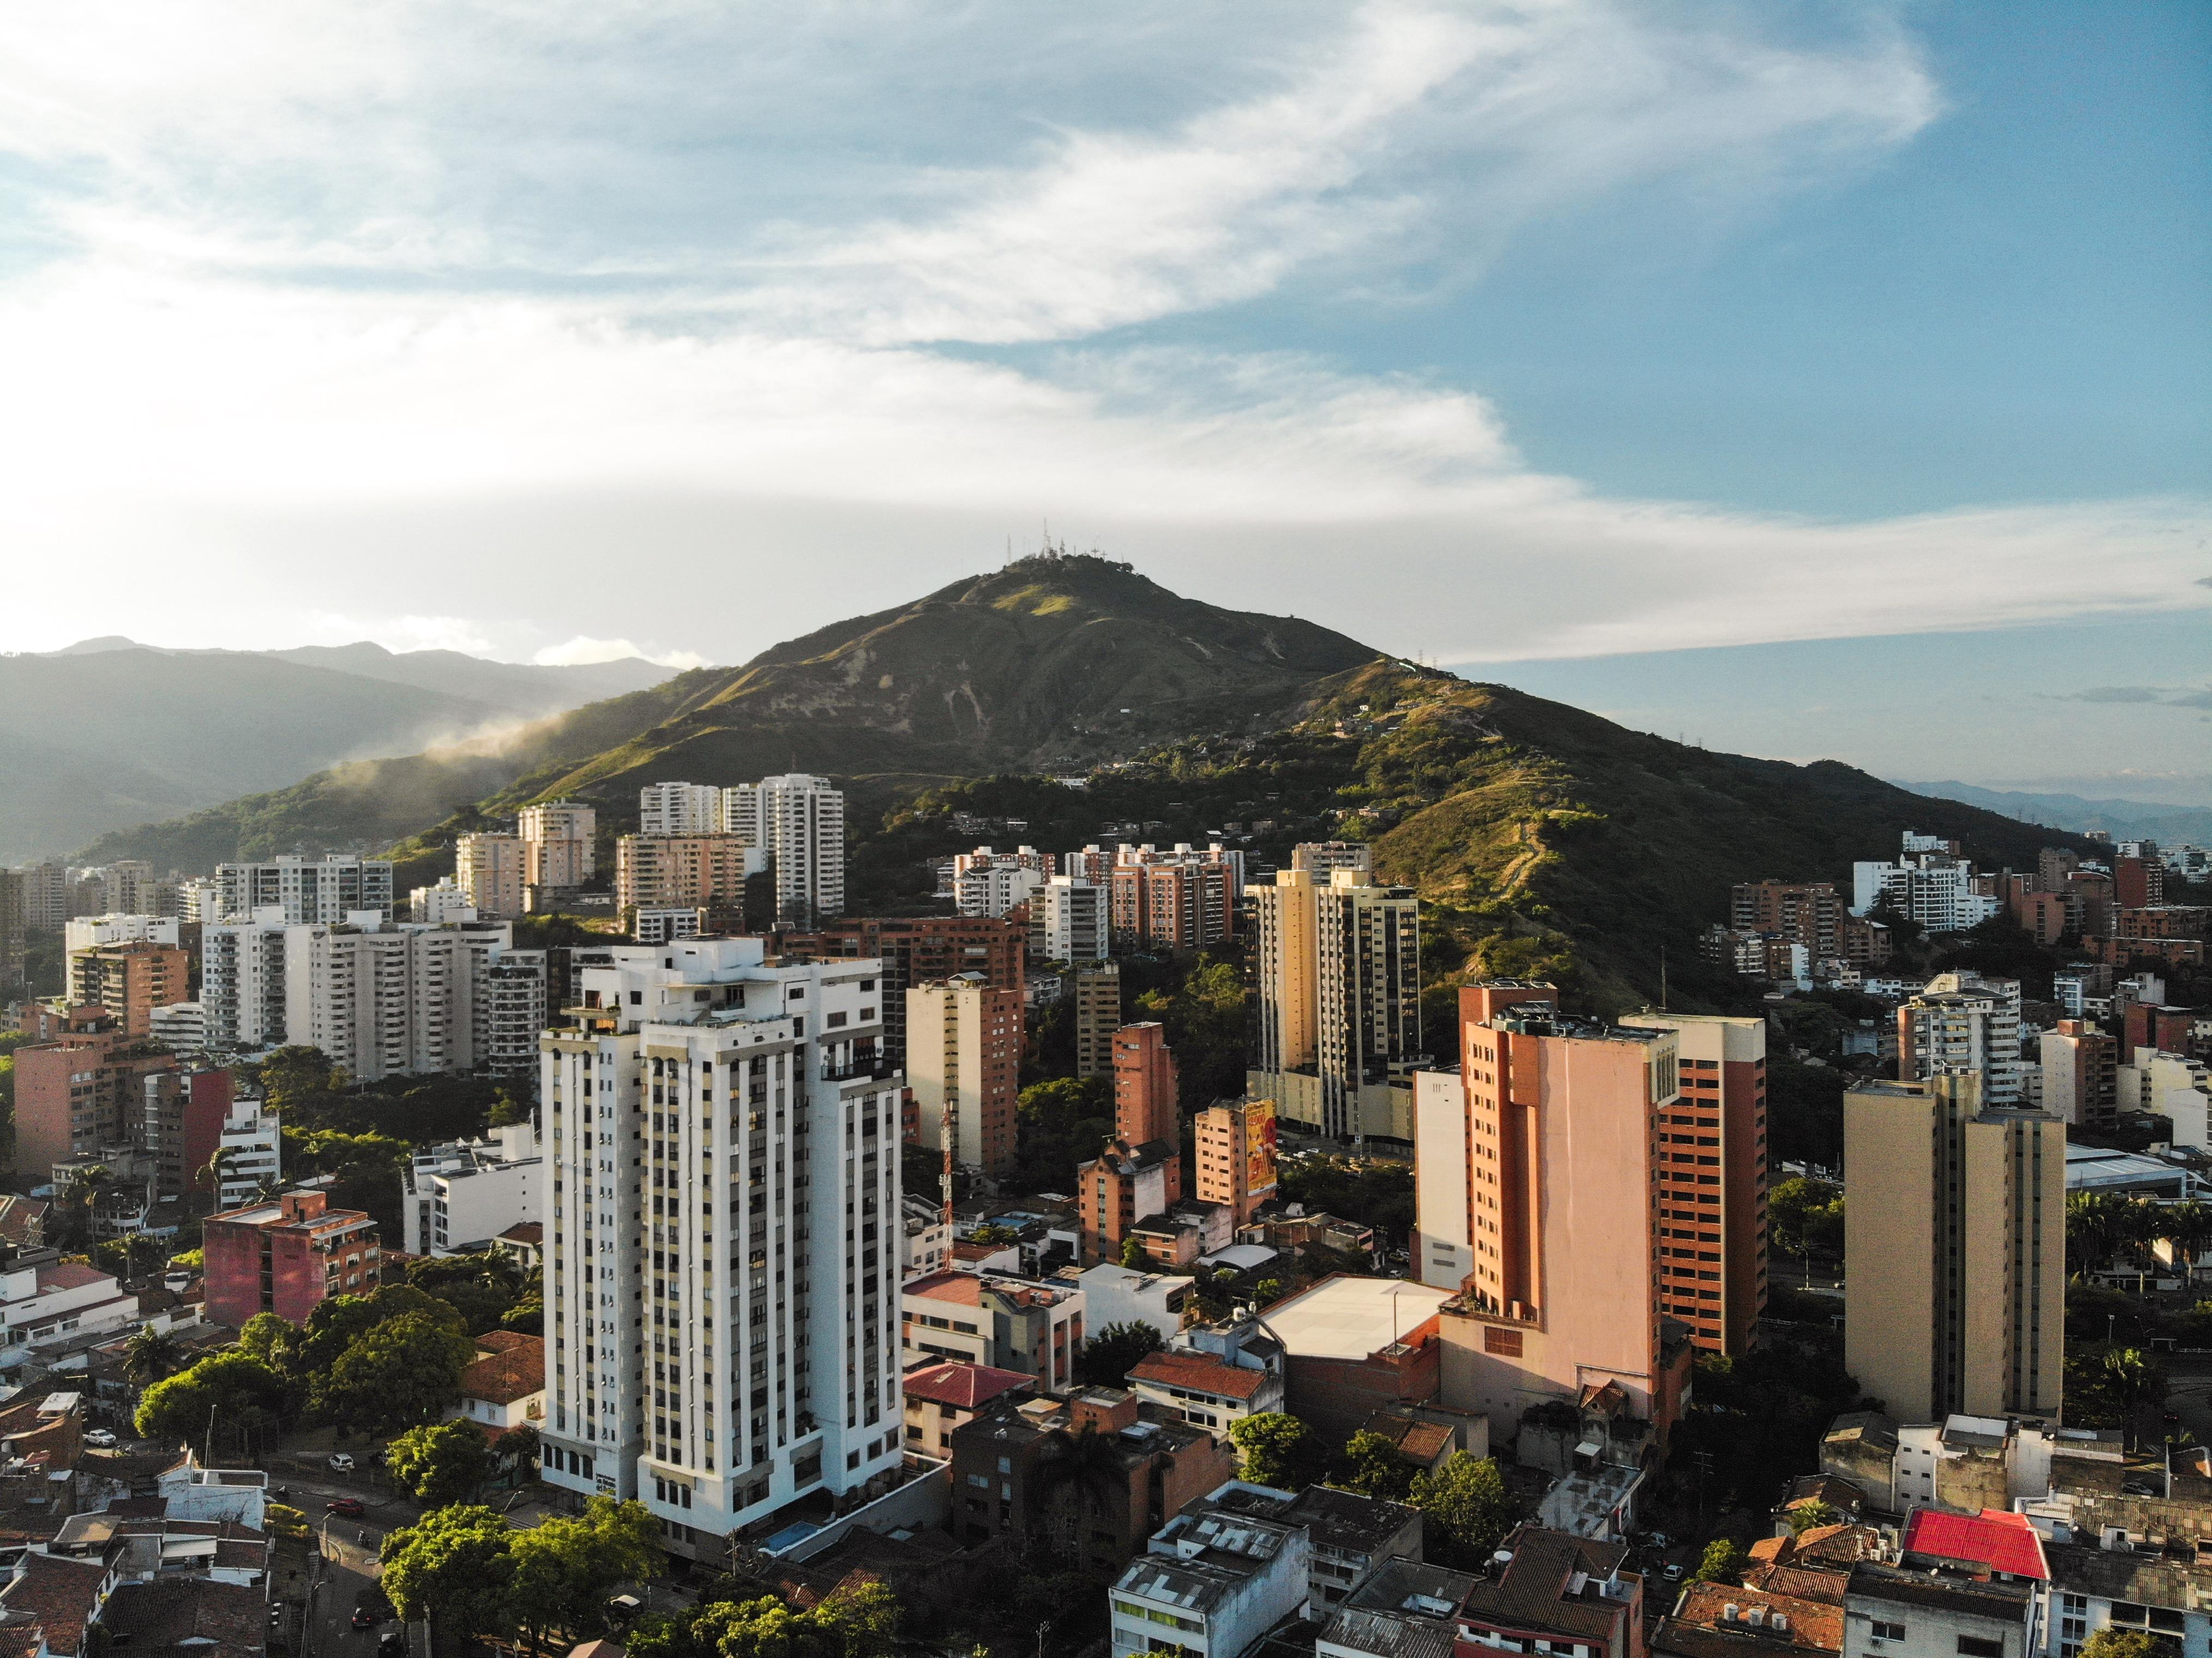 12 Cosas para hacer en Santiago de Cali, Colombia - Vagamundeando